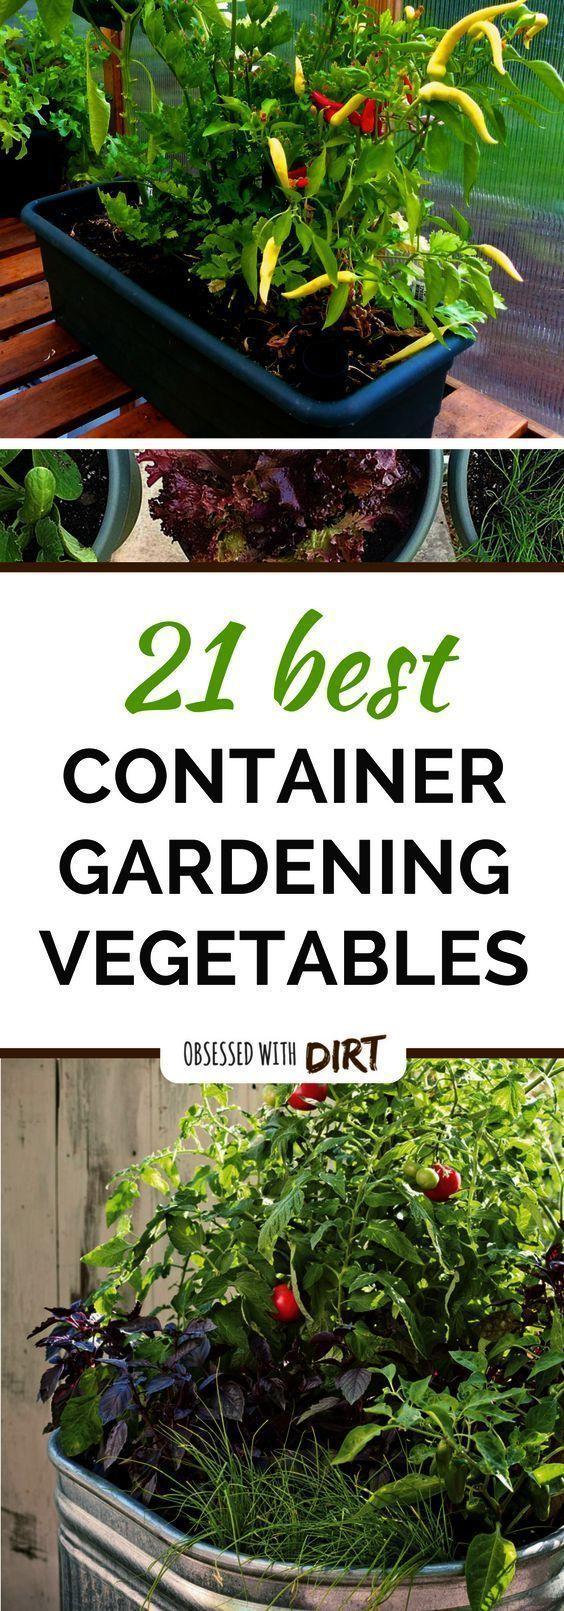 43957c8318daadb58beec50aaf2cdd62 - Gardening All In One For Dummies Pdf